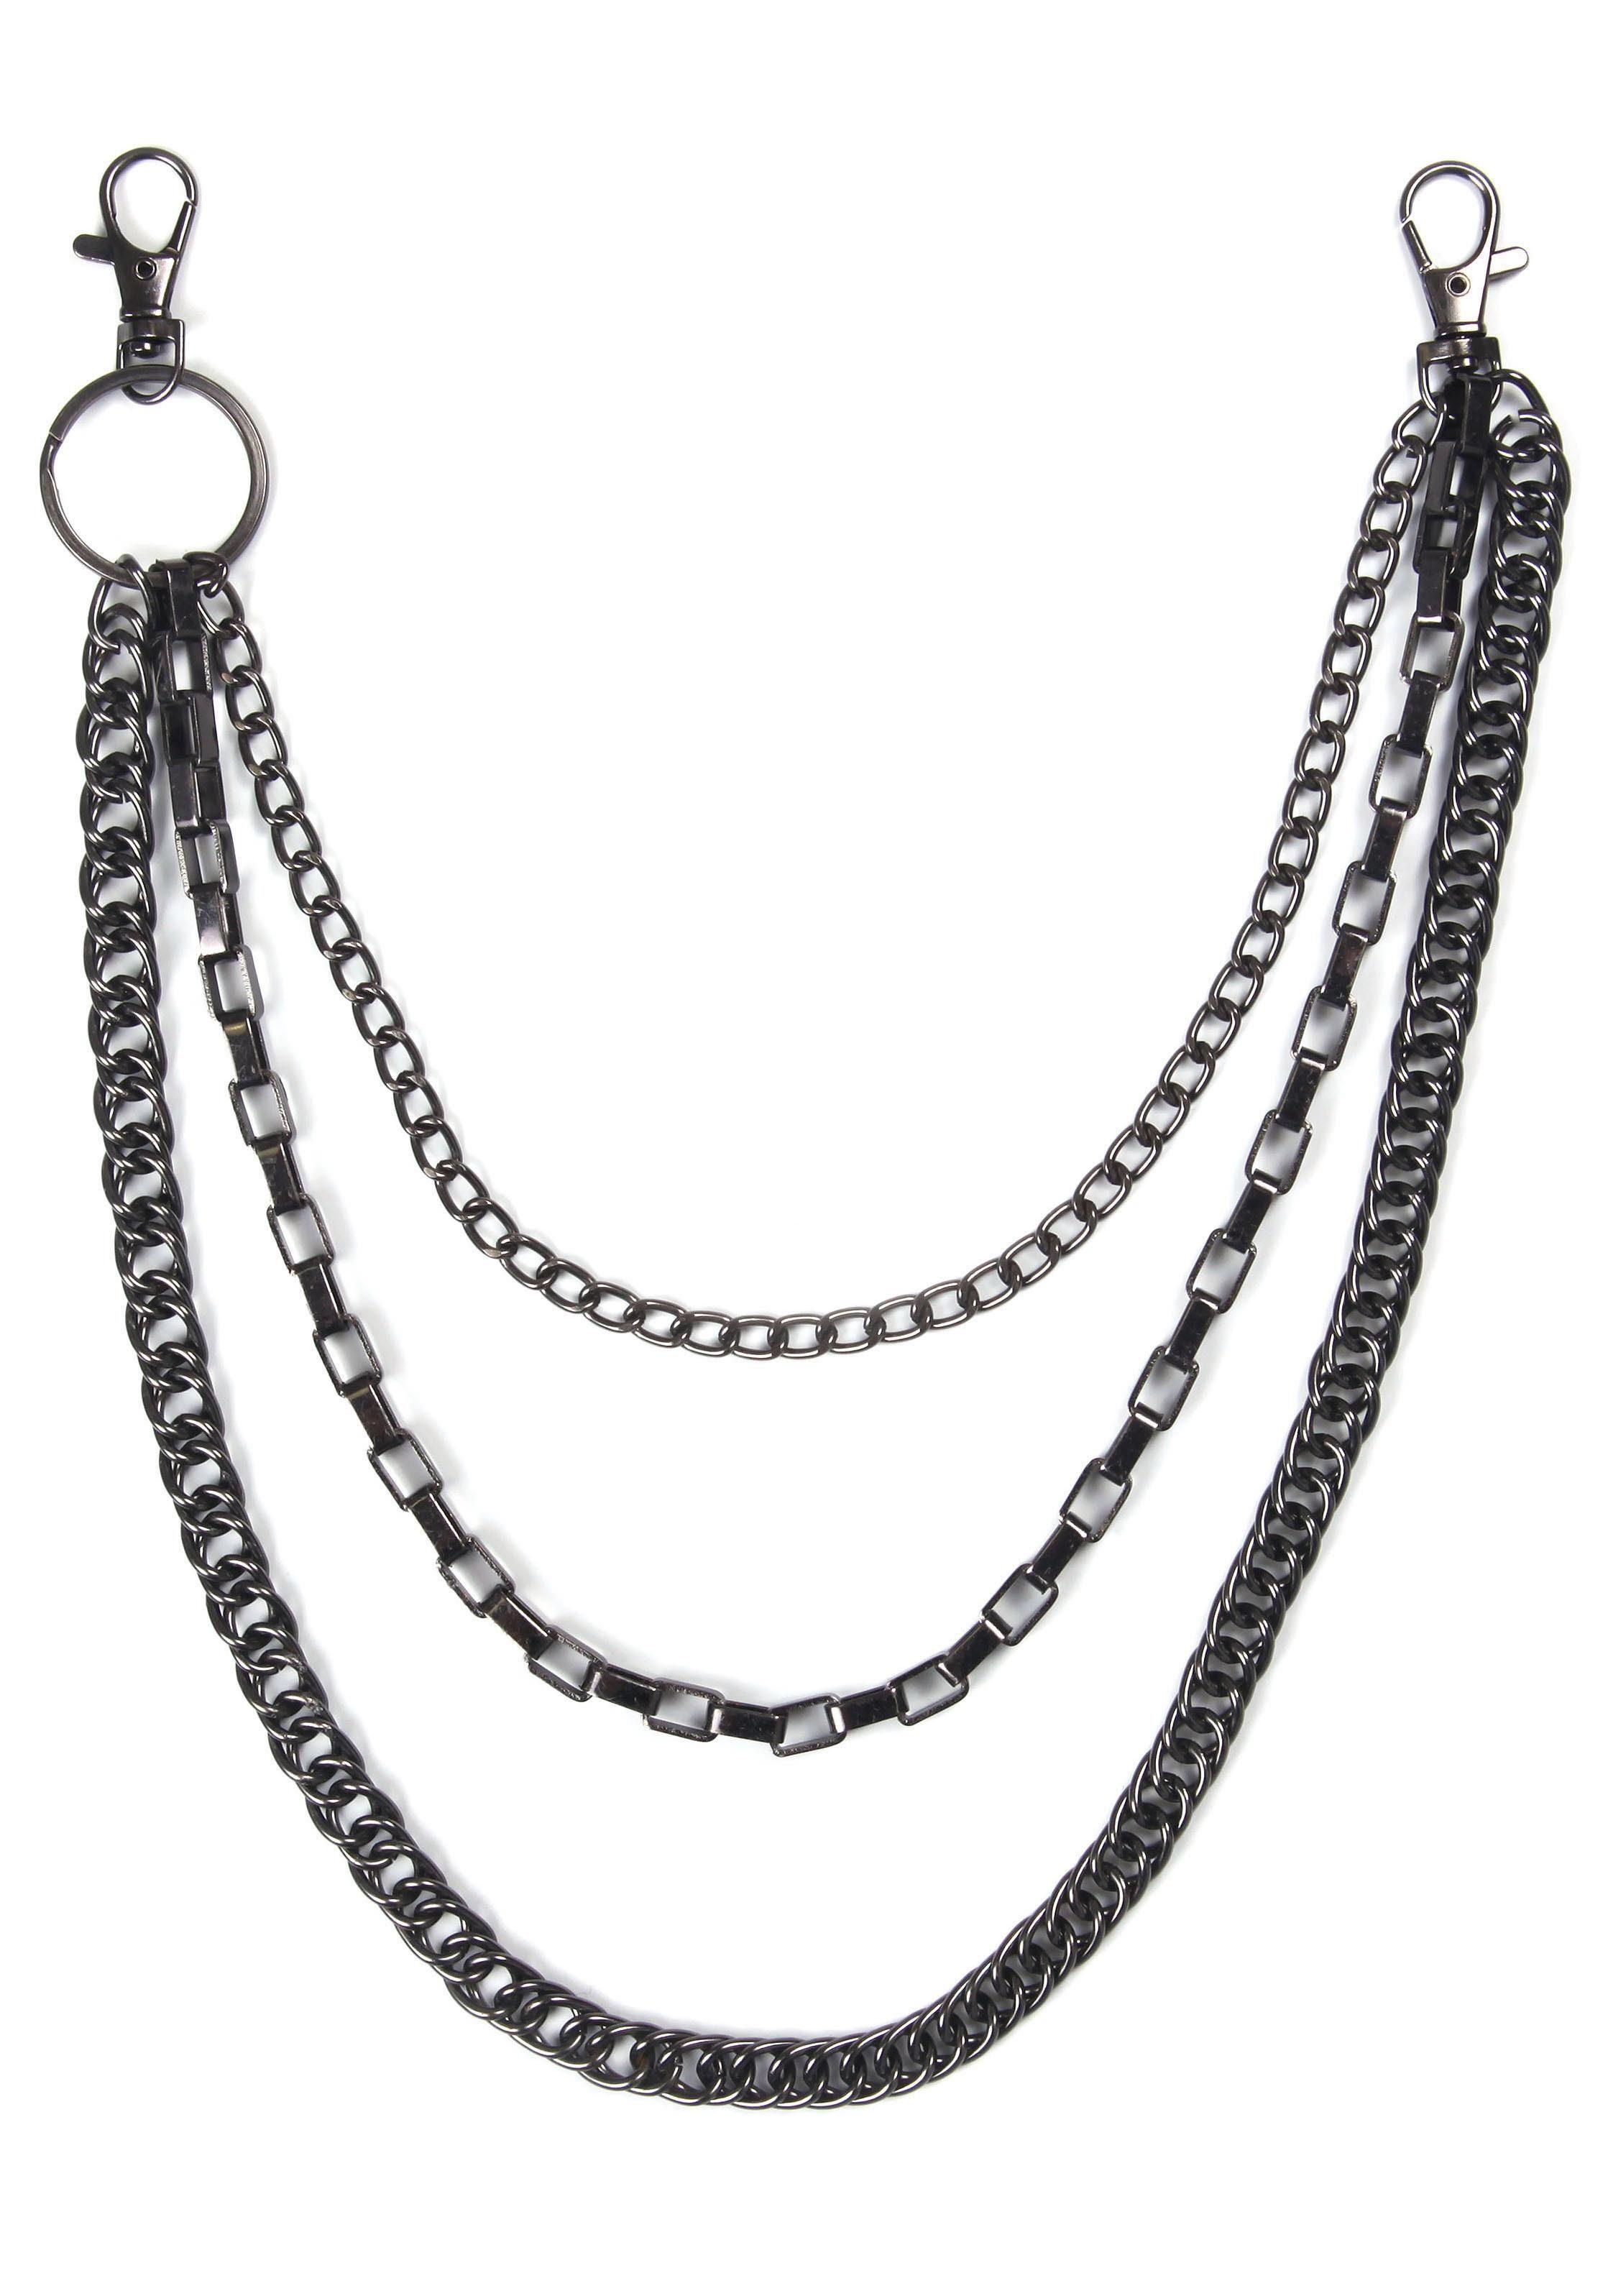 J.Jayz Hosenkette, mehrreihige Venezianer-/Gliederkettengliederung, Kreuz   Schmuck > Halsketten > Gliederketten   J.Jayz